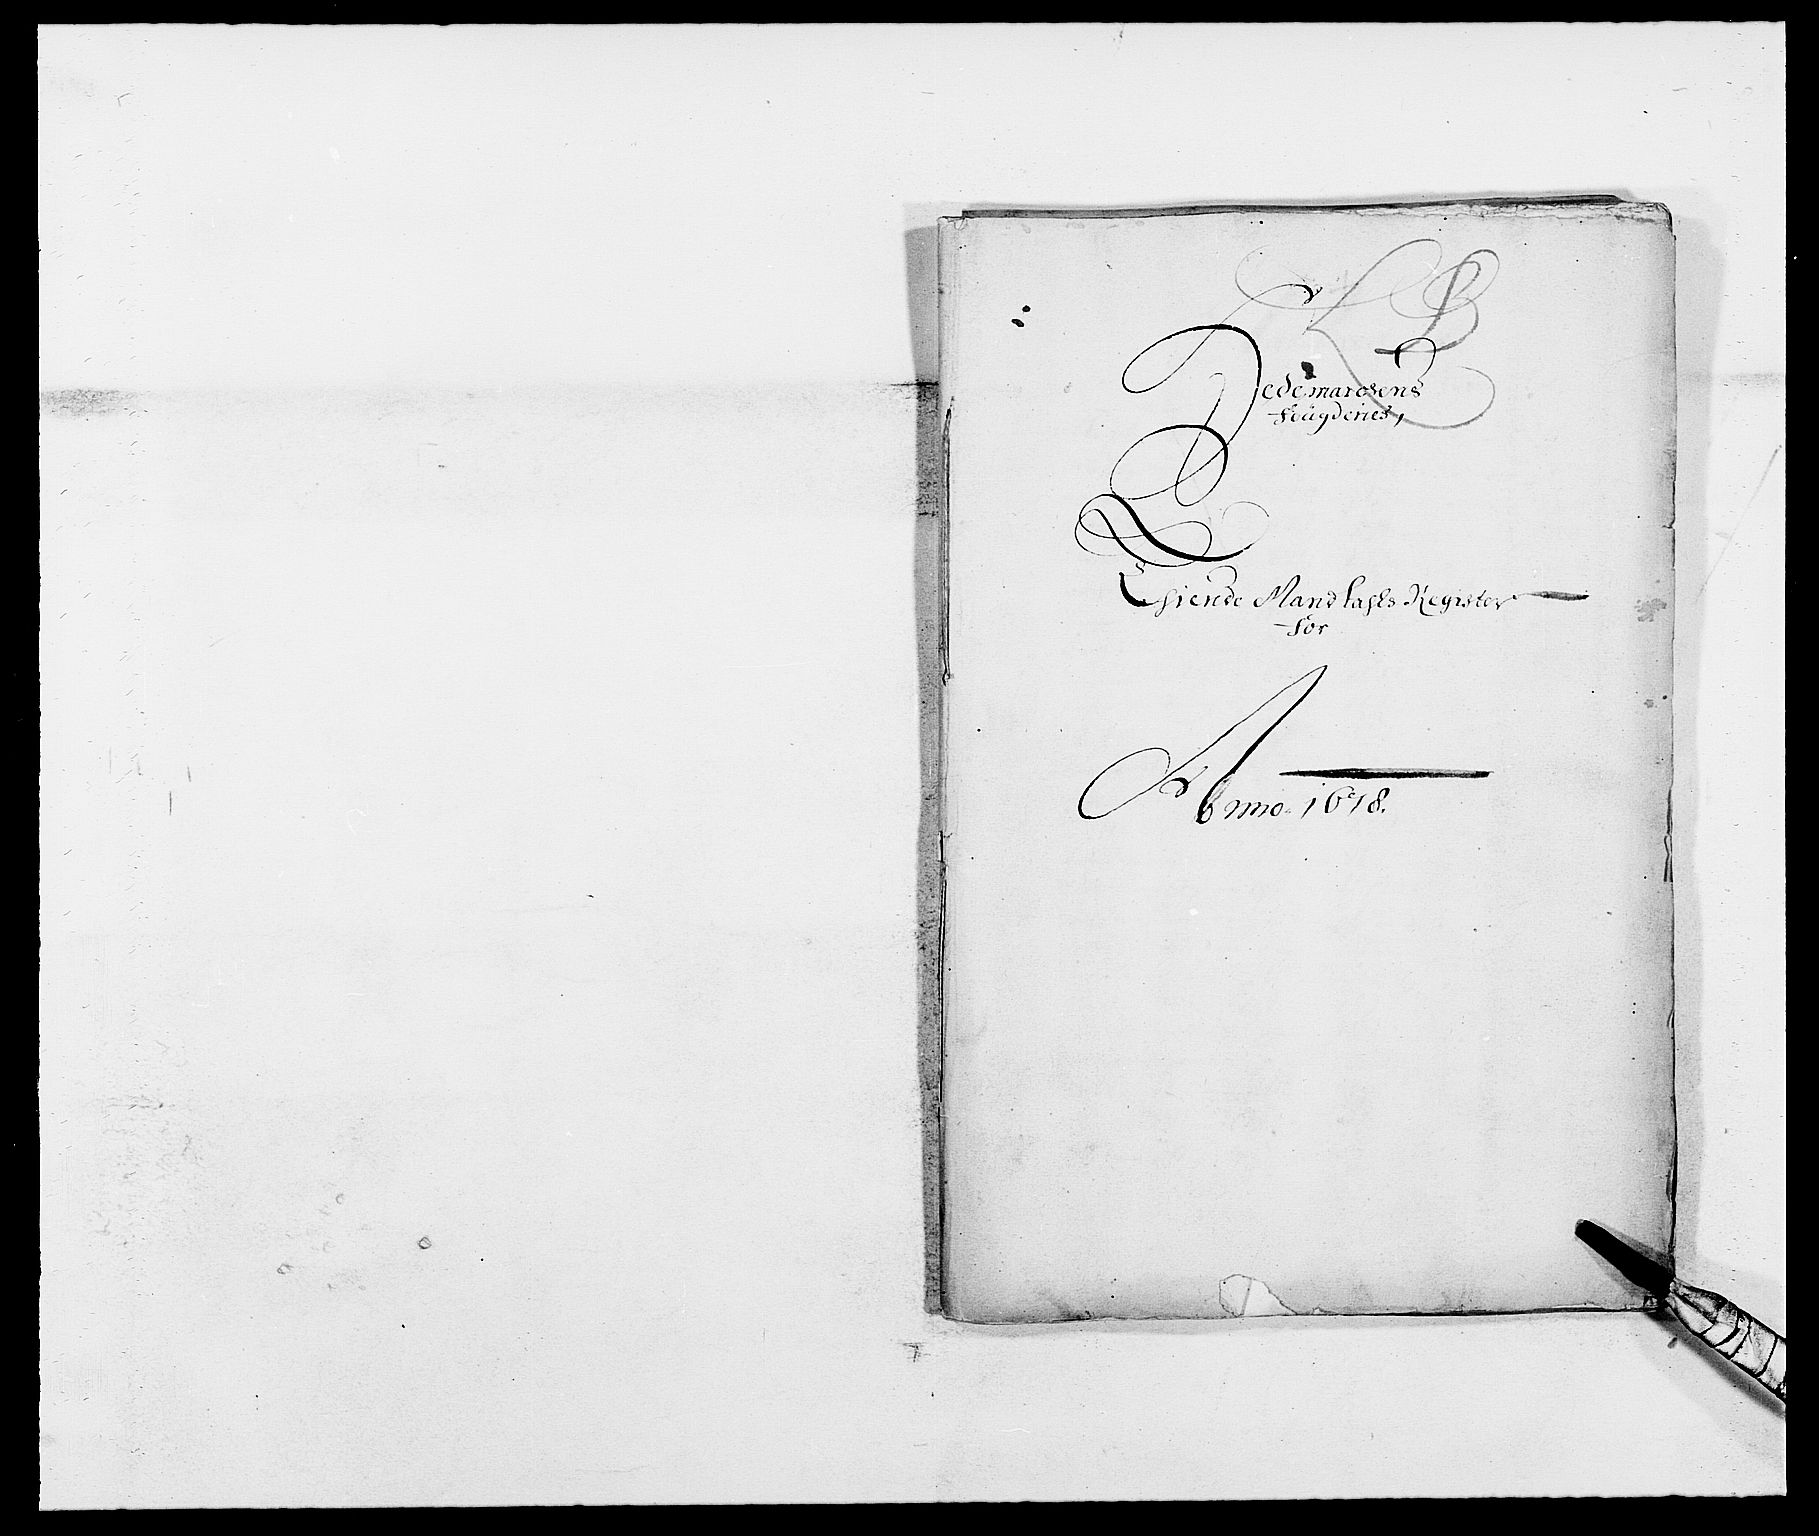 RA, Rentekammeret inntil 1814, Reviderte regnskaper, Fogderegnskap, R16/L1017: Fogderegnskap Hedmark, 1678-1679, s. 145